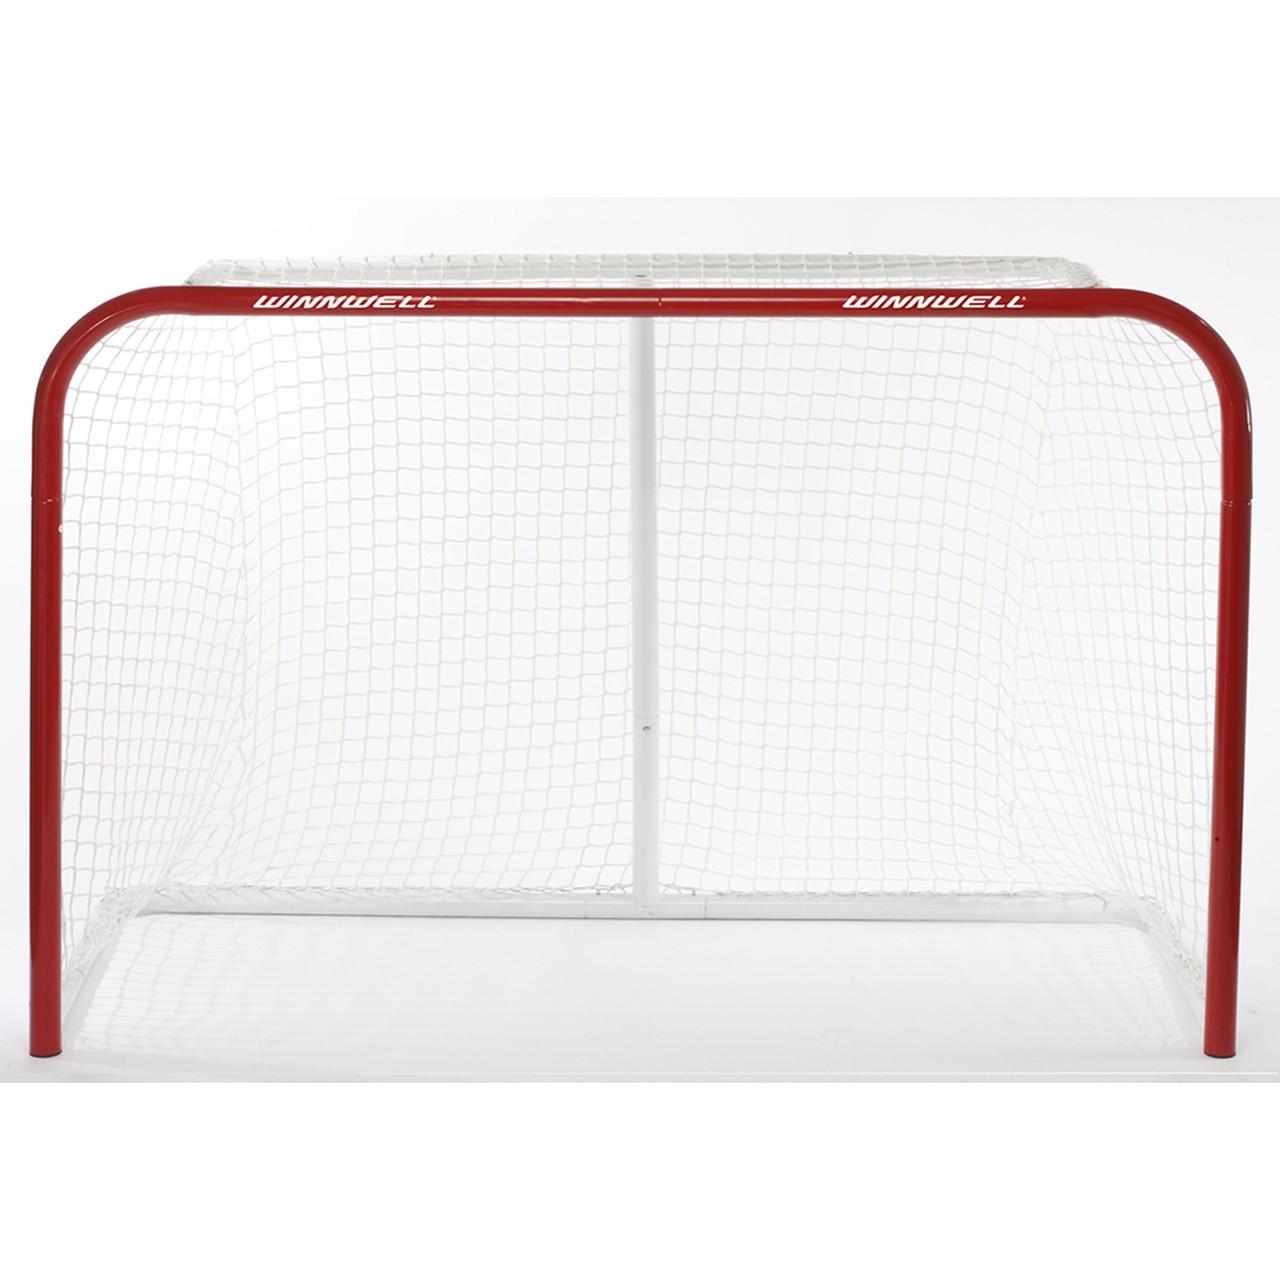 WINNWELL Pro Steel Regulation Hockey Net